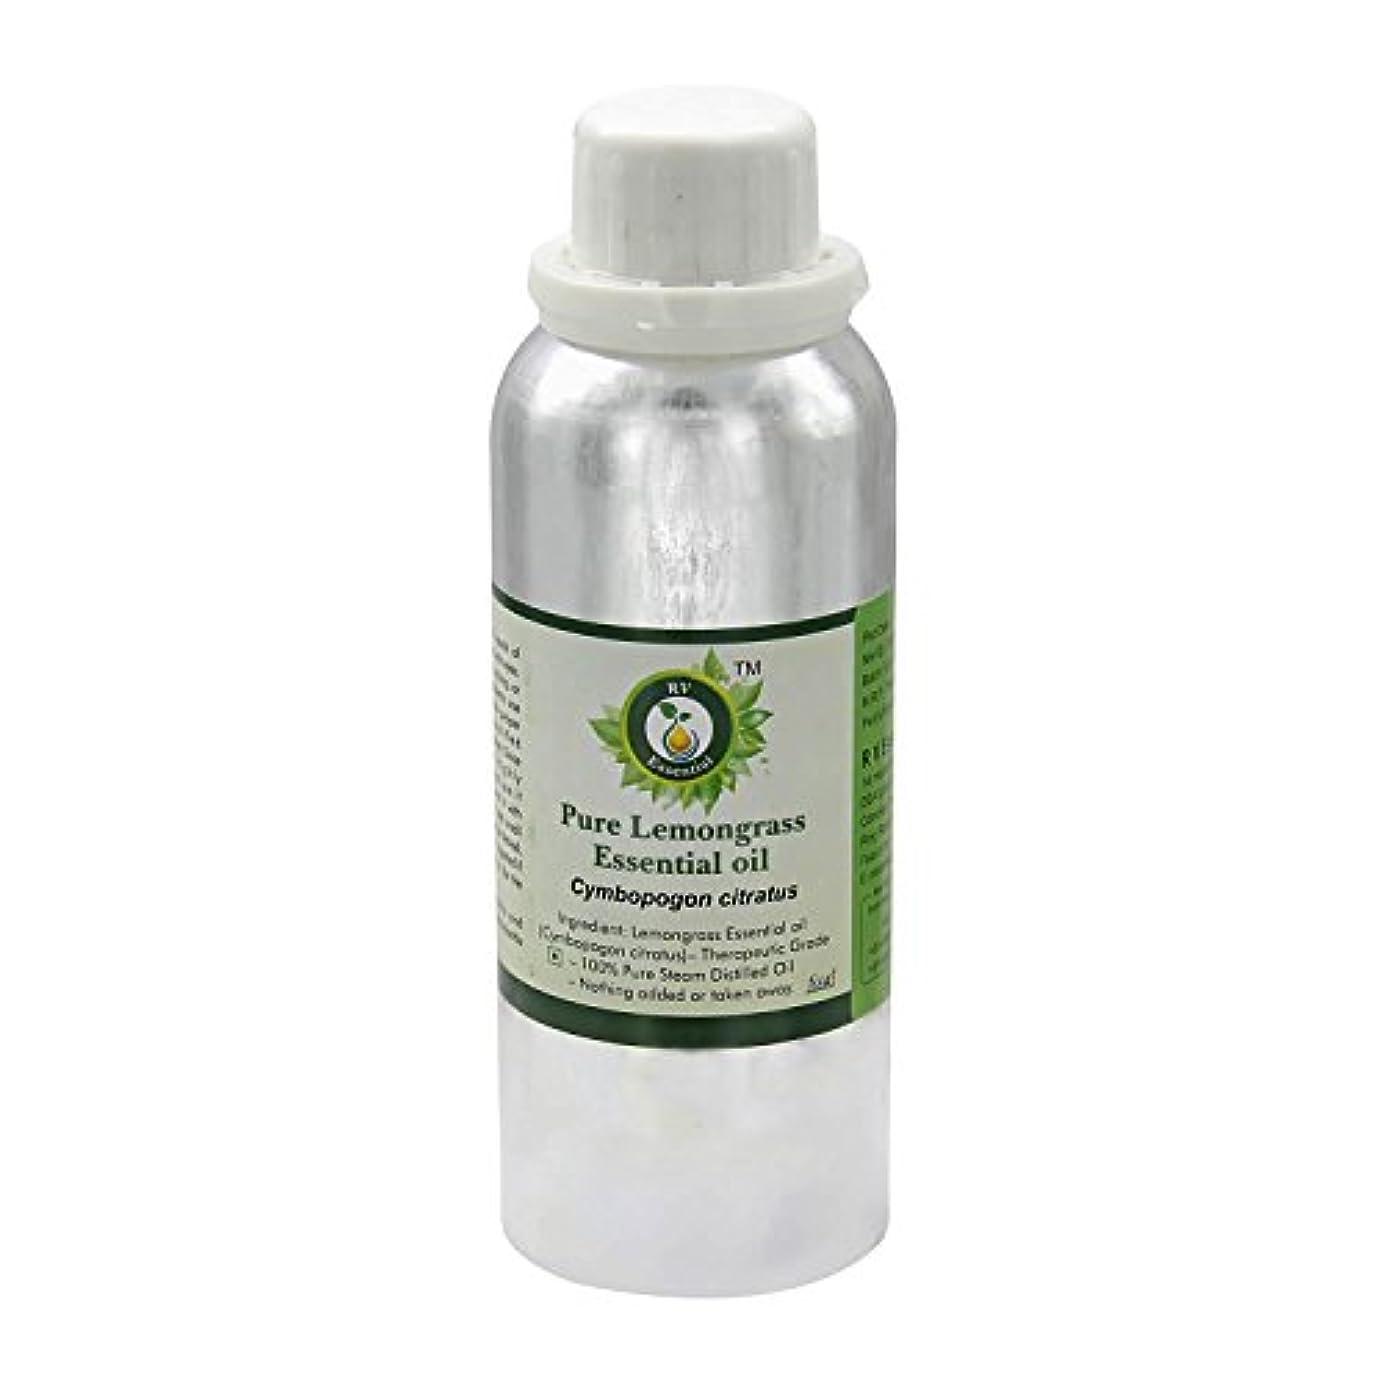 扇動するシャワースラッシュR V Essential ピュアレモングラスエッセンシャルオイル630ml (21oz)- Cymbopogon Citratus (100%純粋&天然スチームDistilled) Pure Lemongrass Essential...